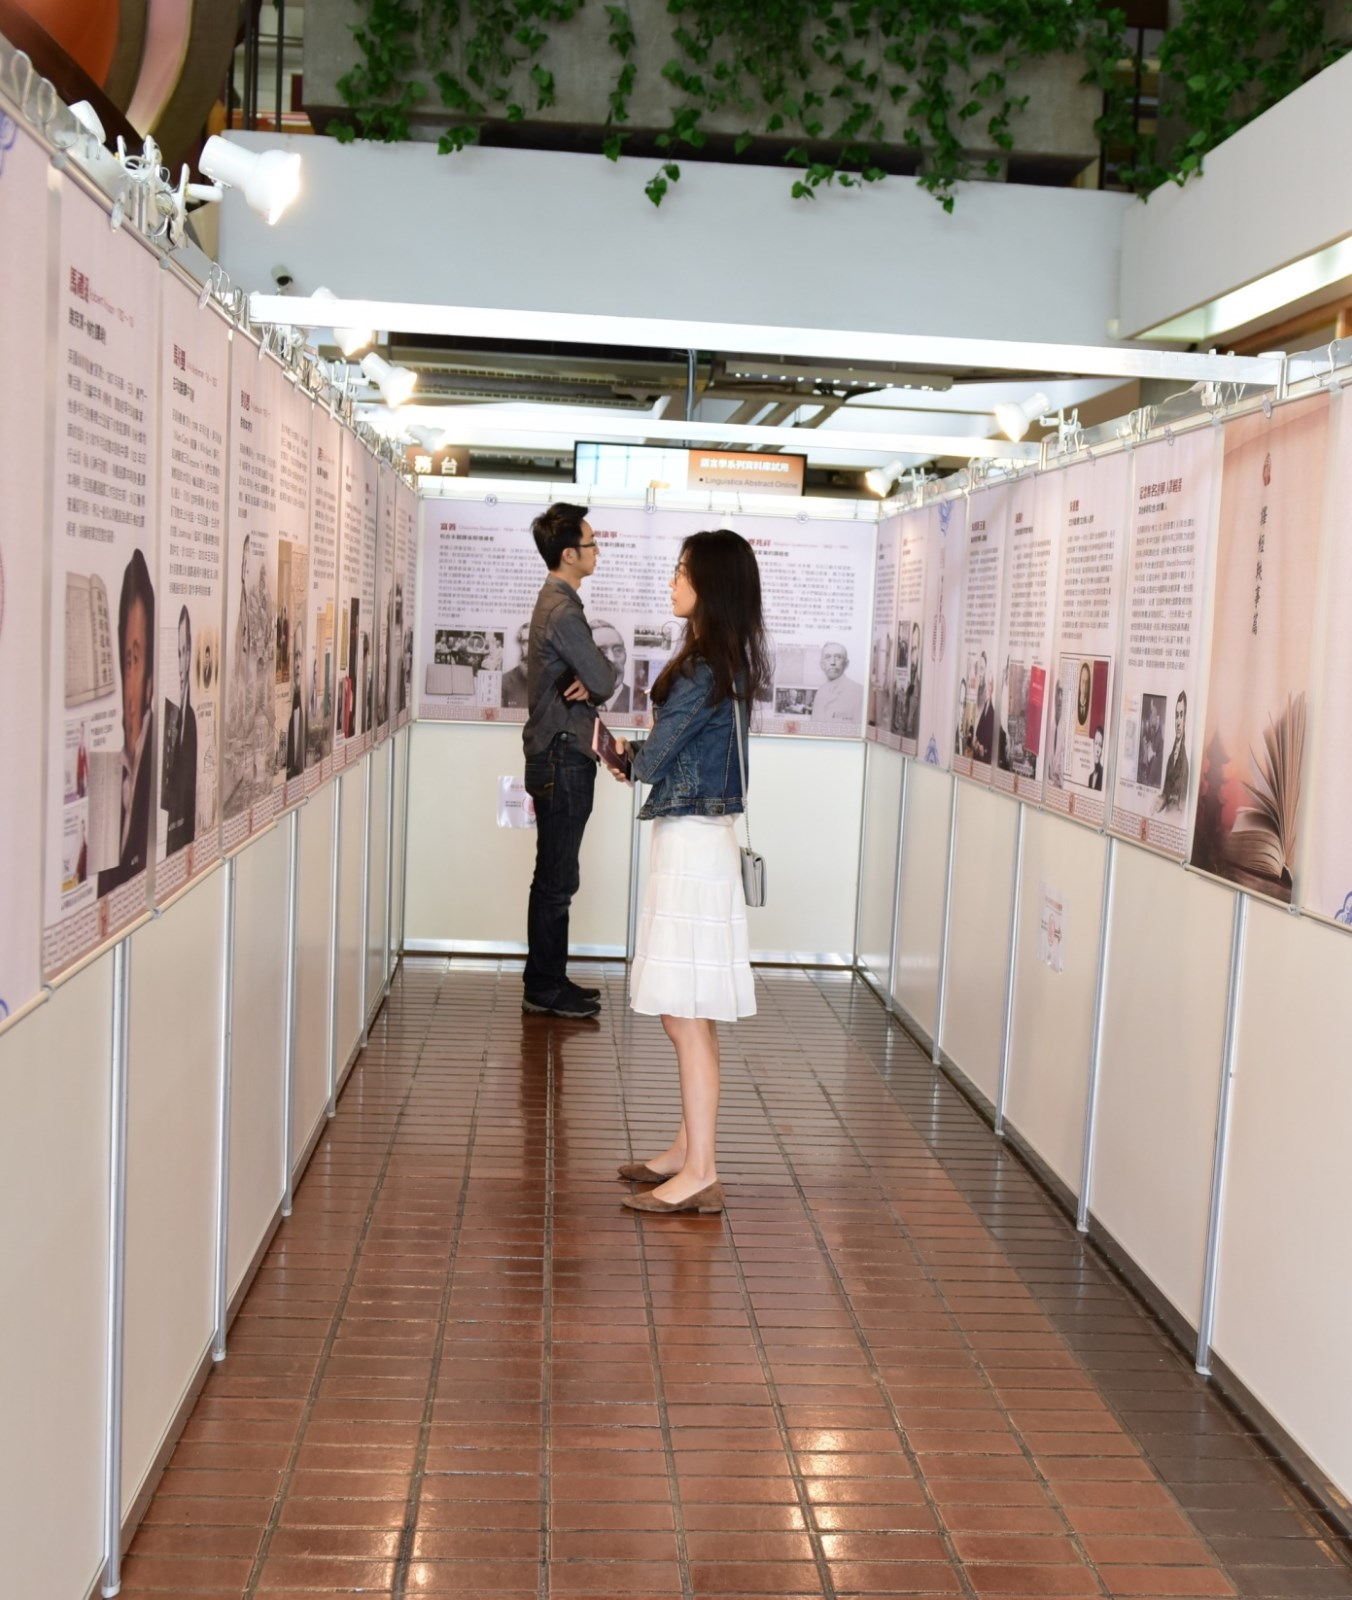 「上帝說華語─聖經中譯與華人文化歷史」百年圖片巡迴展,第一站在中原大學張靜愚紀念圖書館展出.JPG